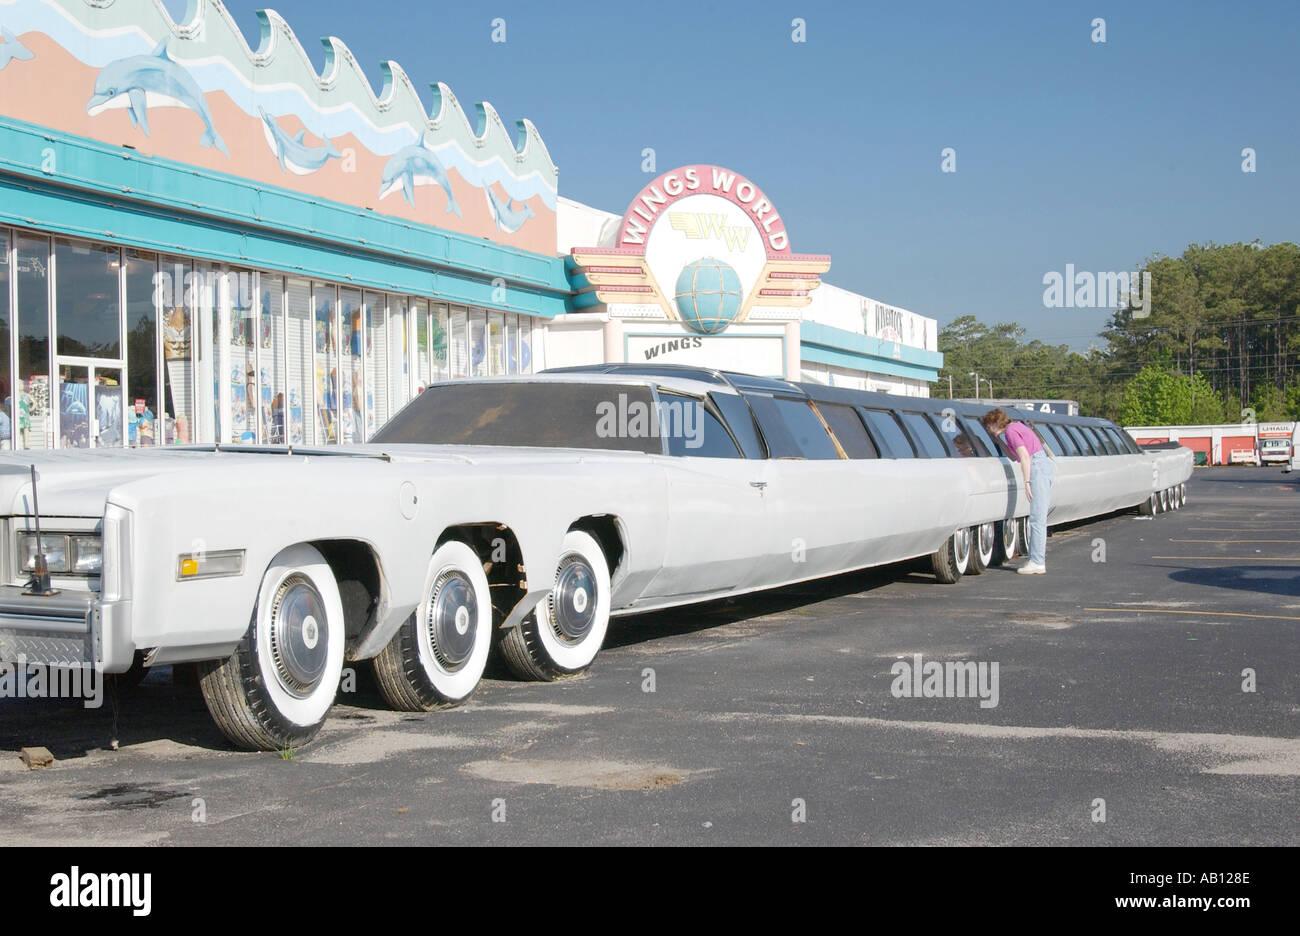 Die längste limousine der welt | Die längste Limousine der